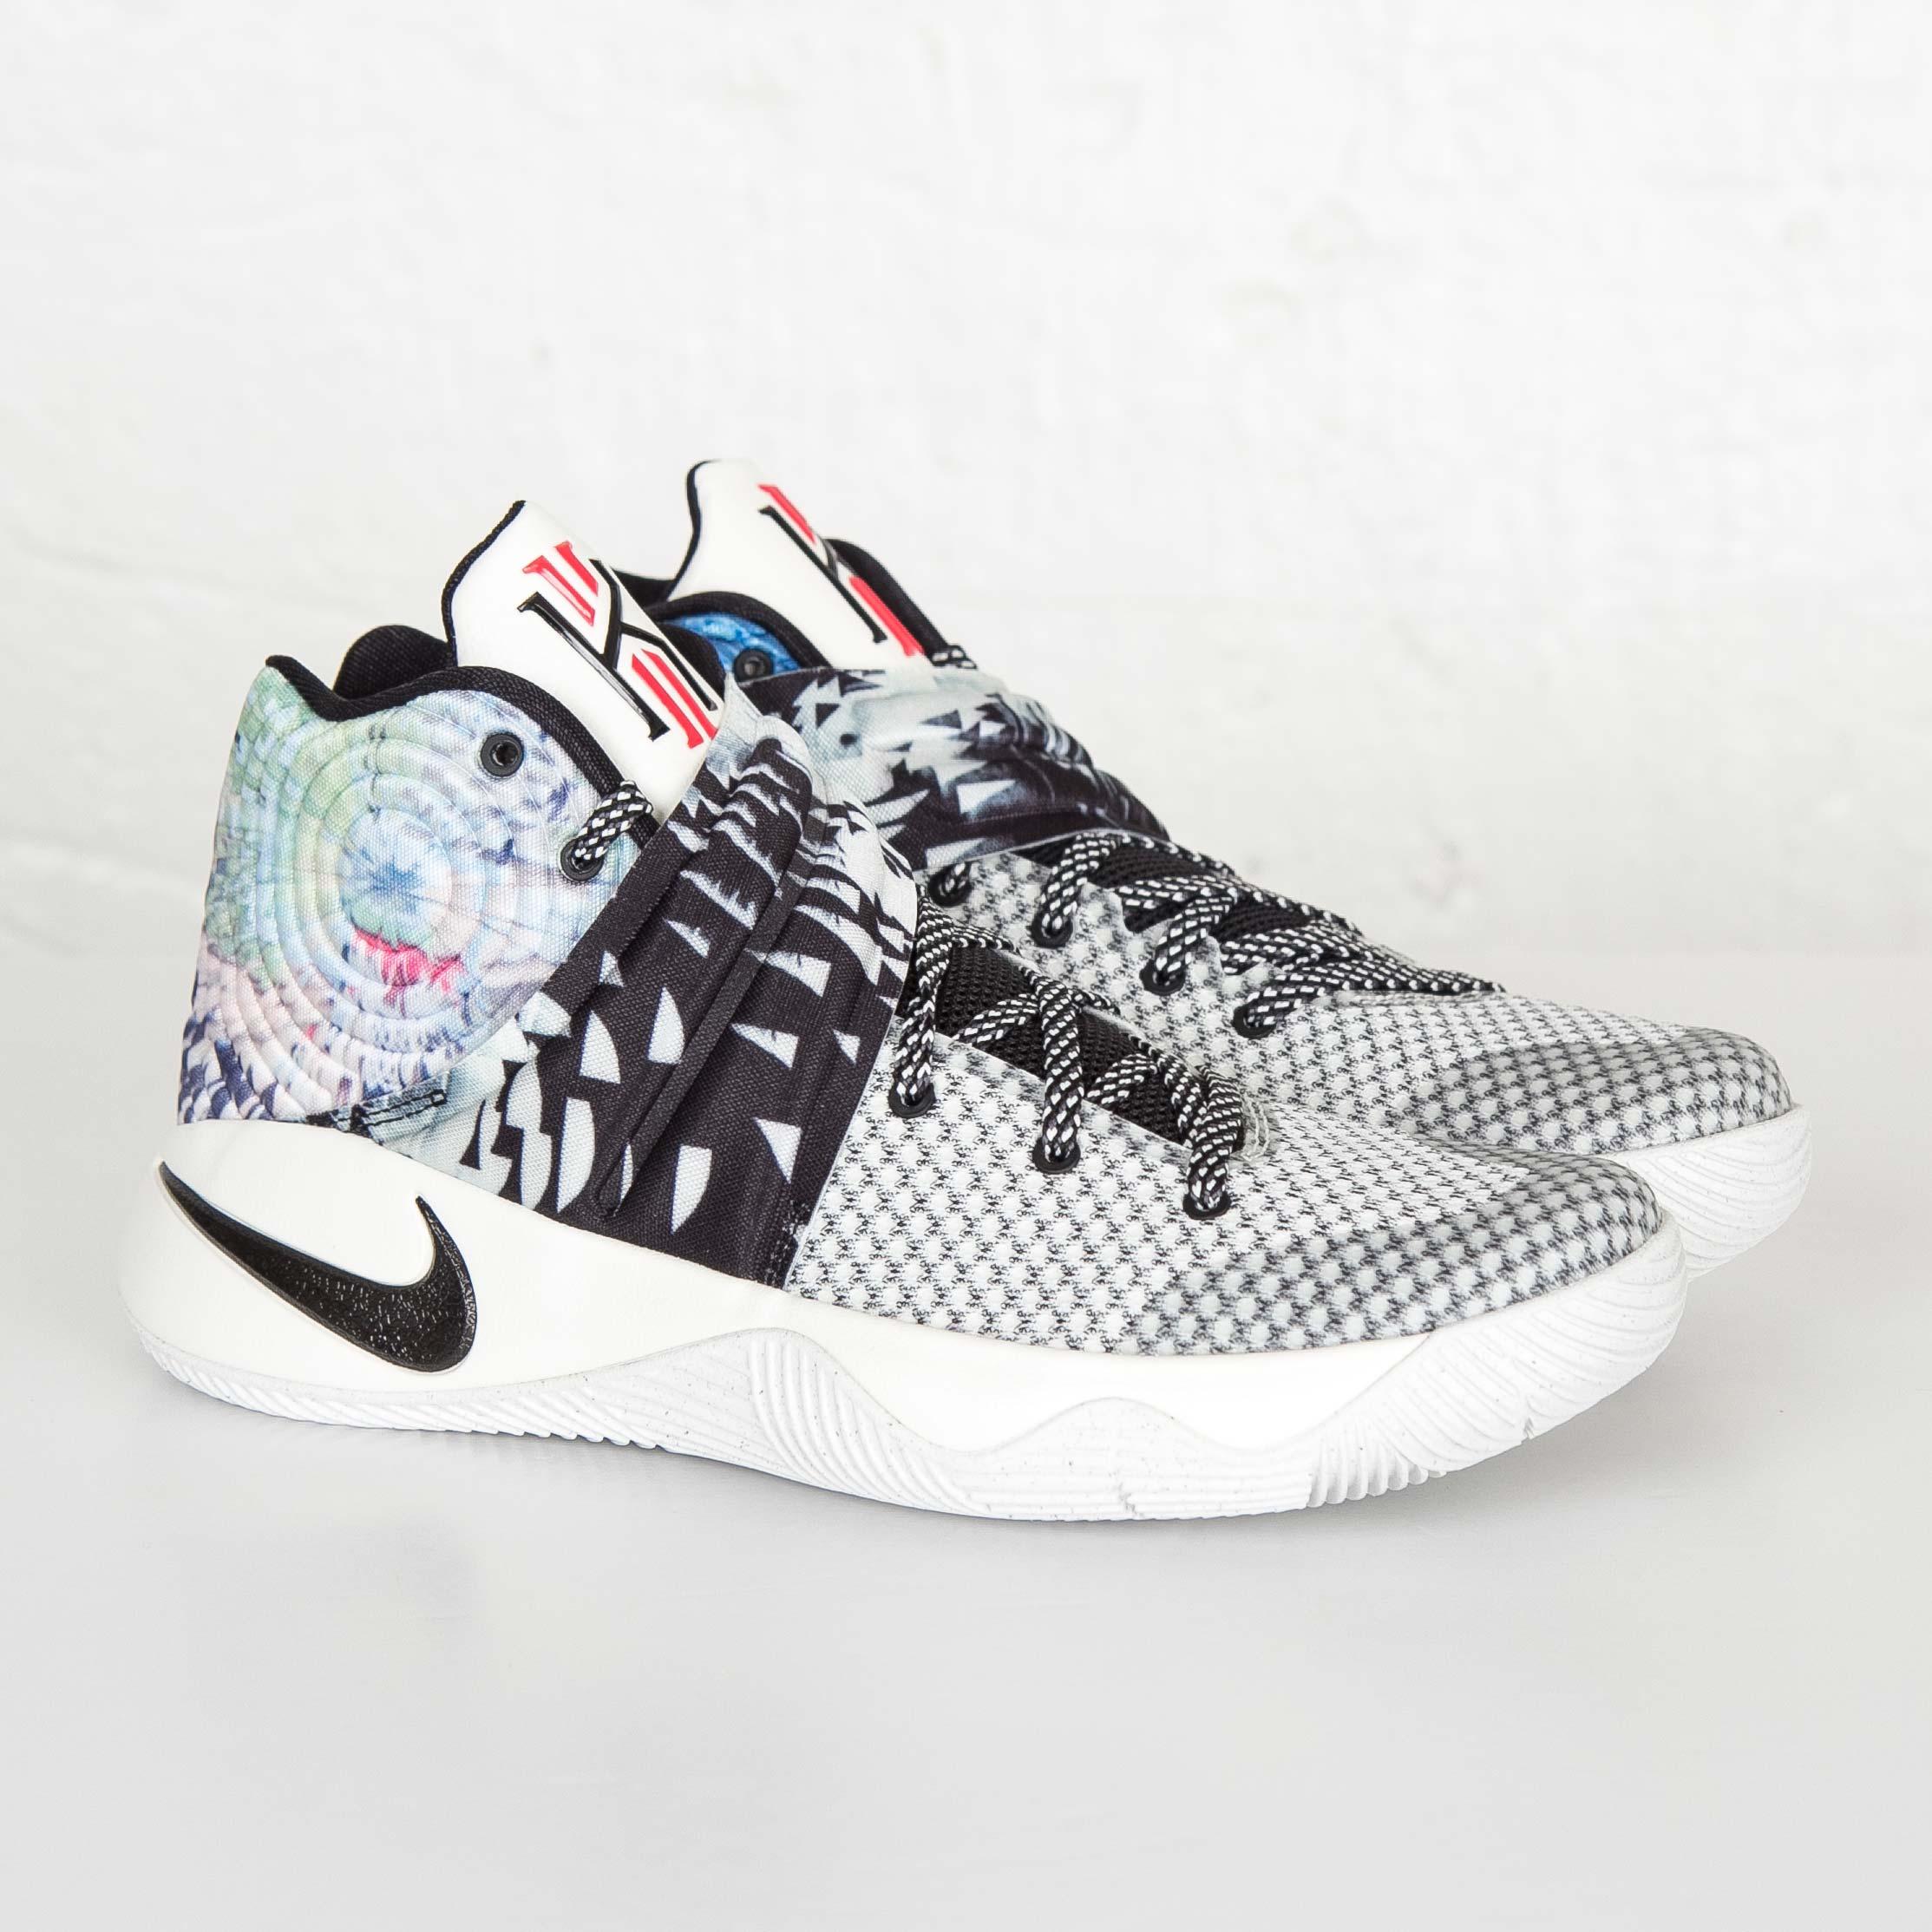 Nike Kyrie 2 - 819583-901 - Sneakersnstuff  1c5480ceb3